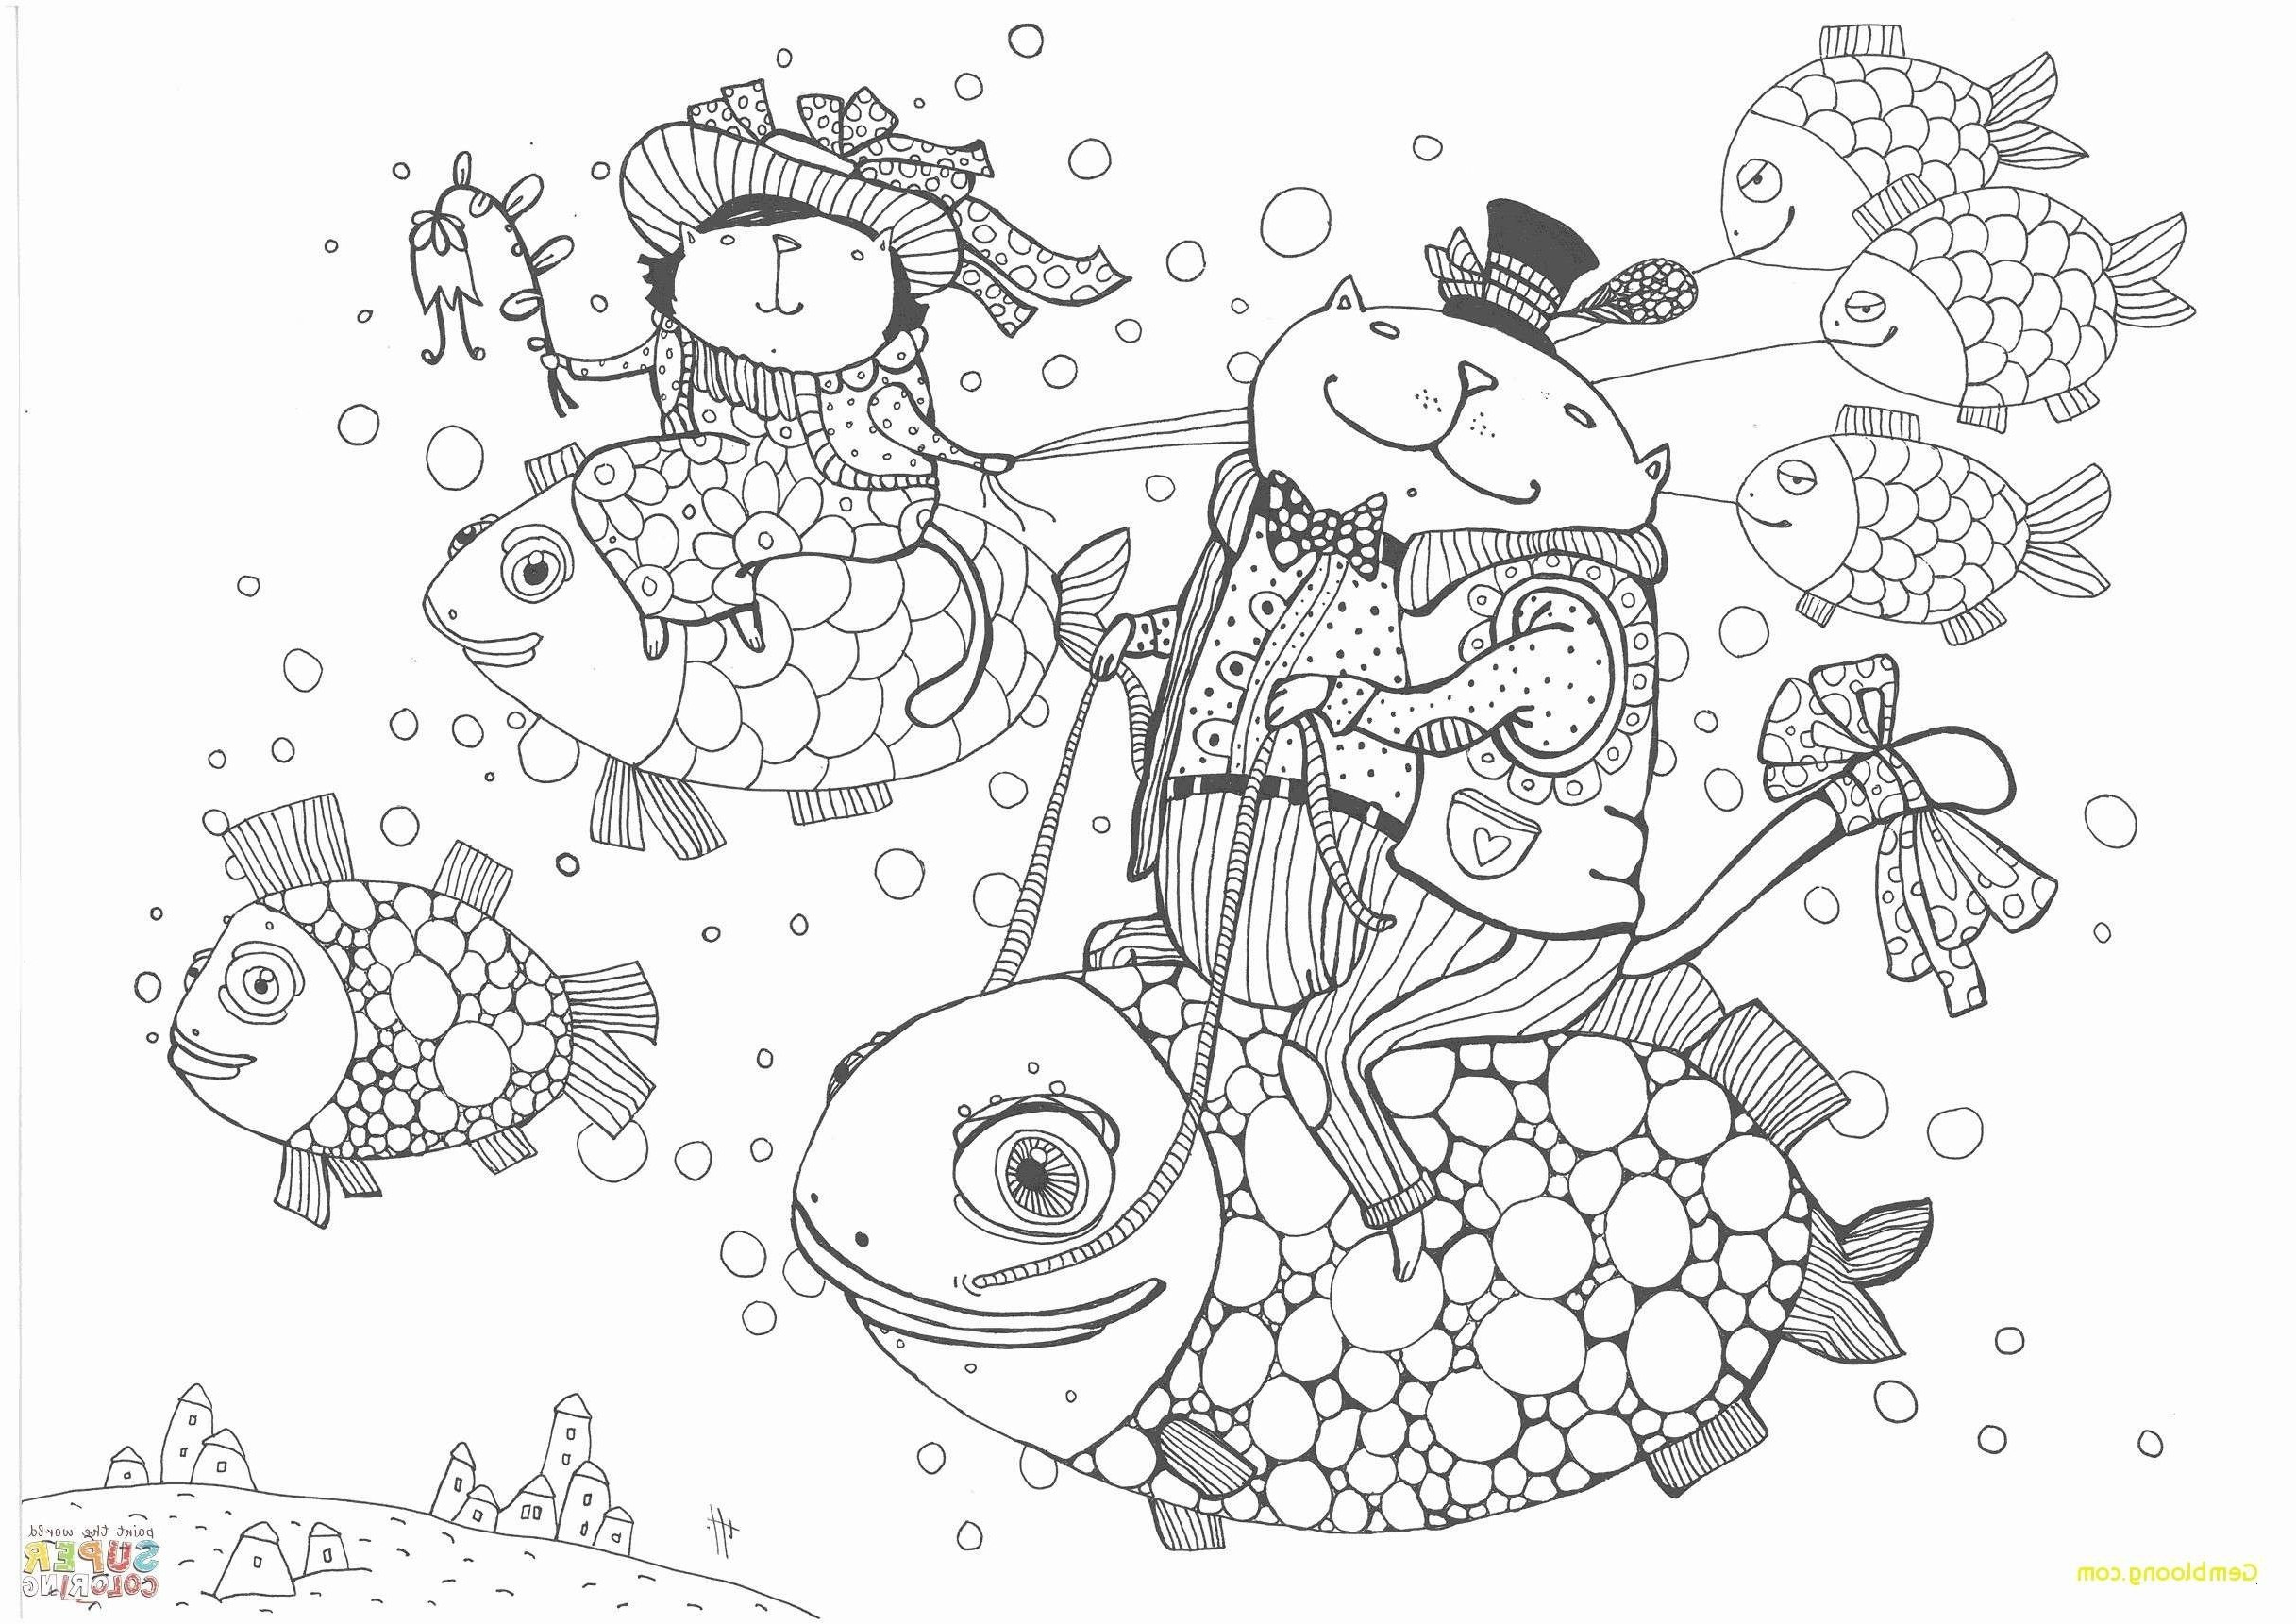 Malvorlagen tom Und Jerry Frisch 34 Beste Von Ausmalbild Blumen – Malvorlagen Ideen Fotografieren